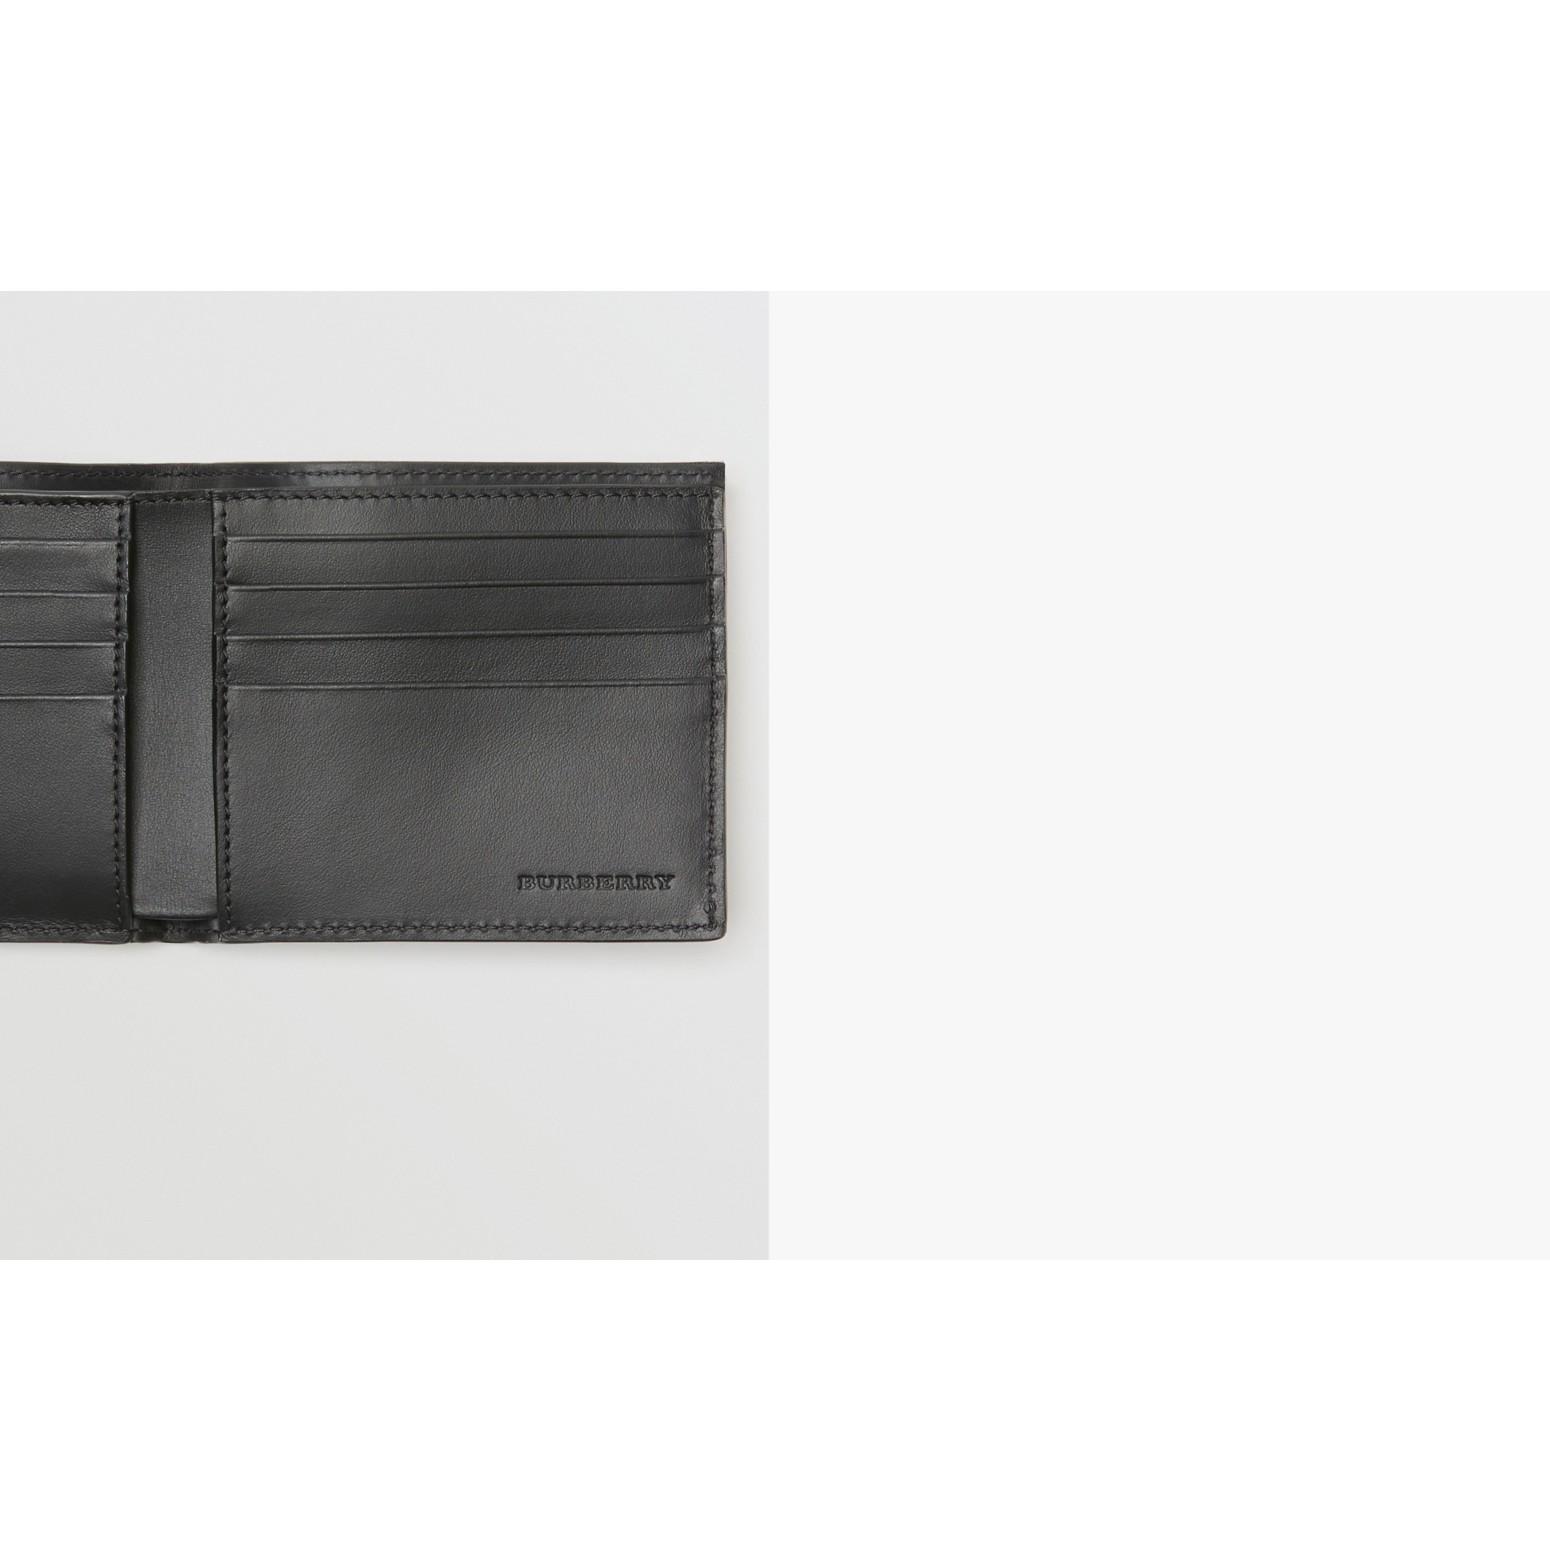 パーフォレーテッドチェック レザー インターナショナル バイフォールドウォレット (ブラック) - メンズ | バーバリー - ギャラリーイメージ 1